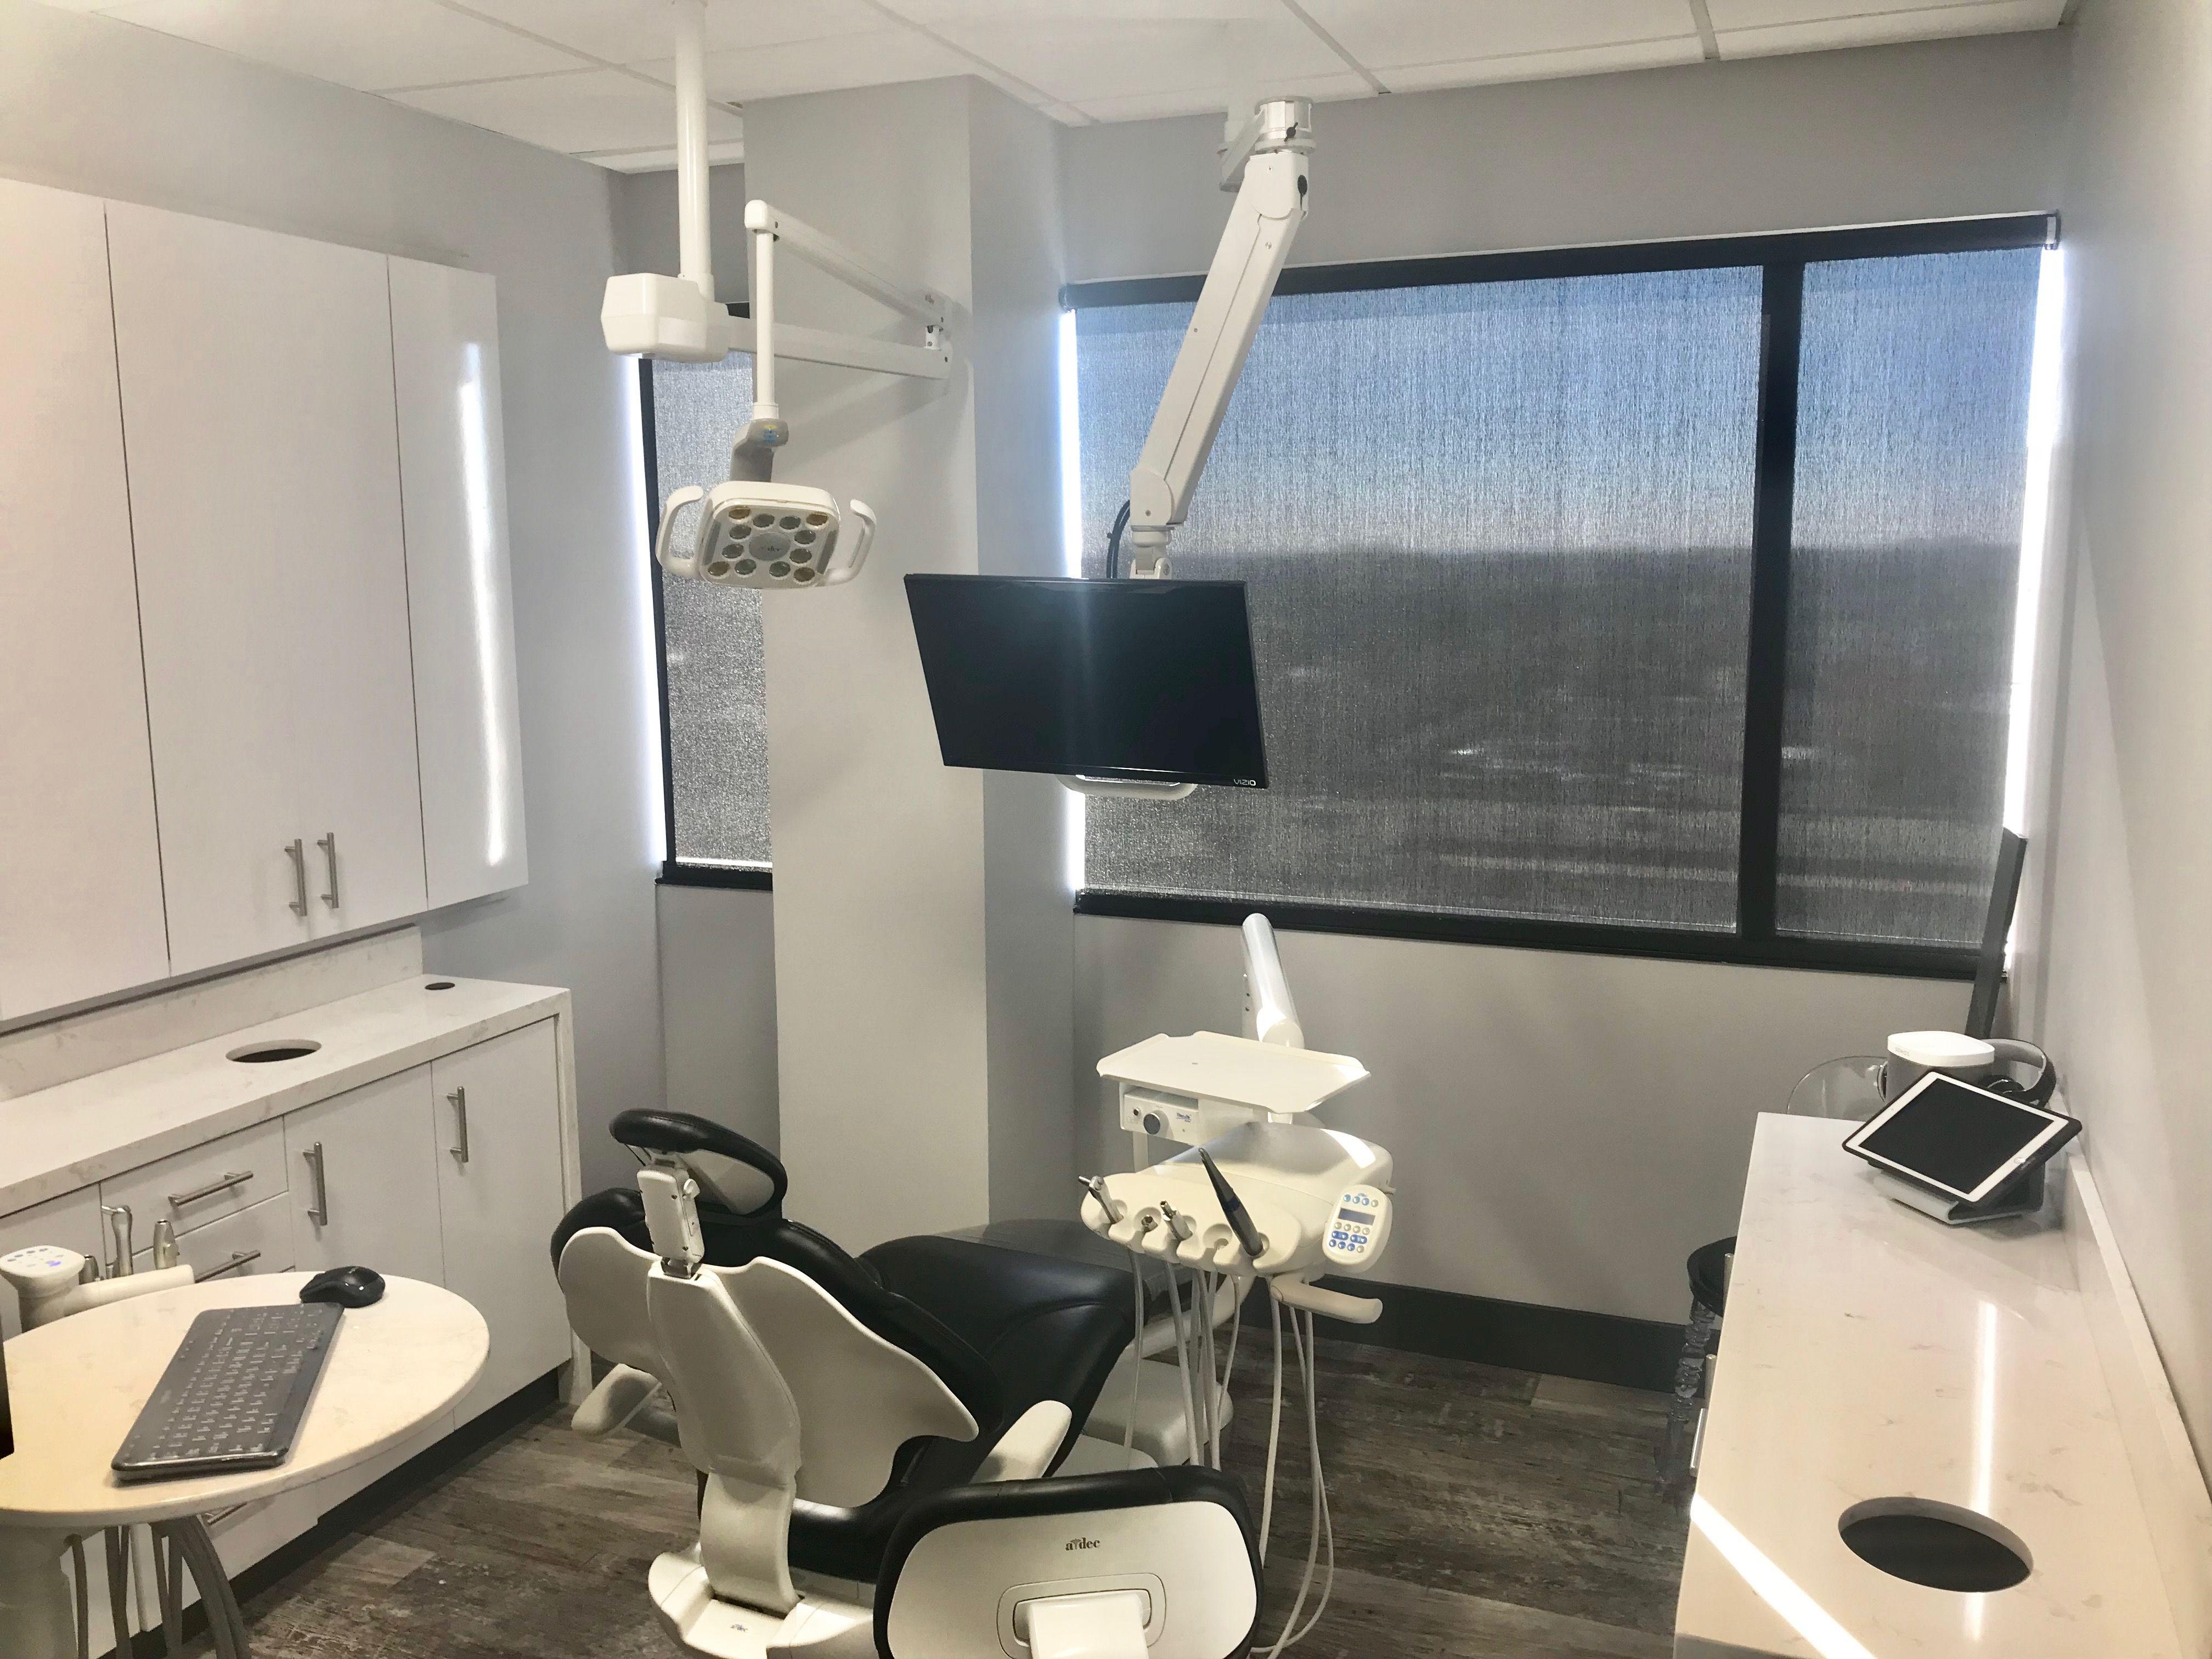 Pin de POI en Dental Offis Desing | Pinterest | Consultorio ...